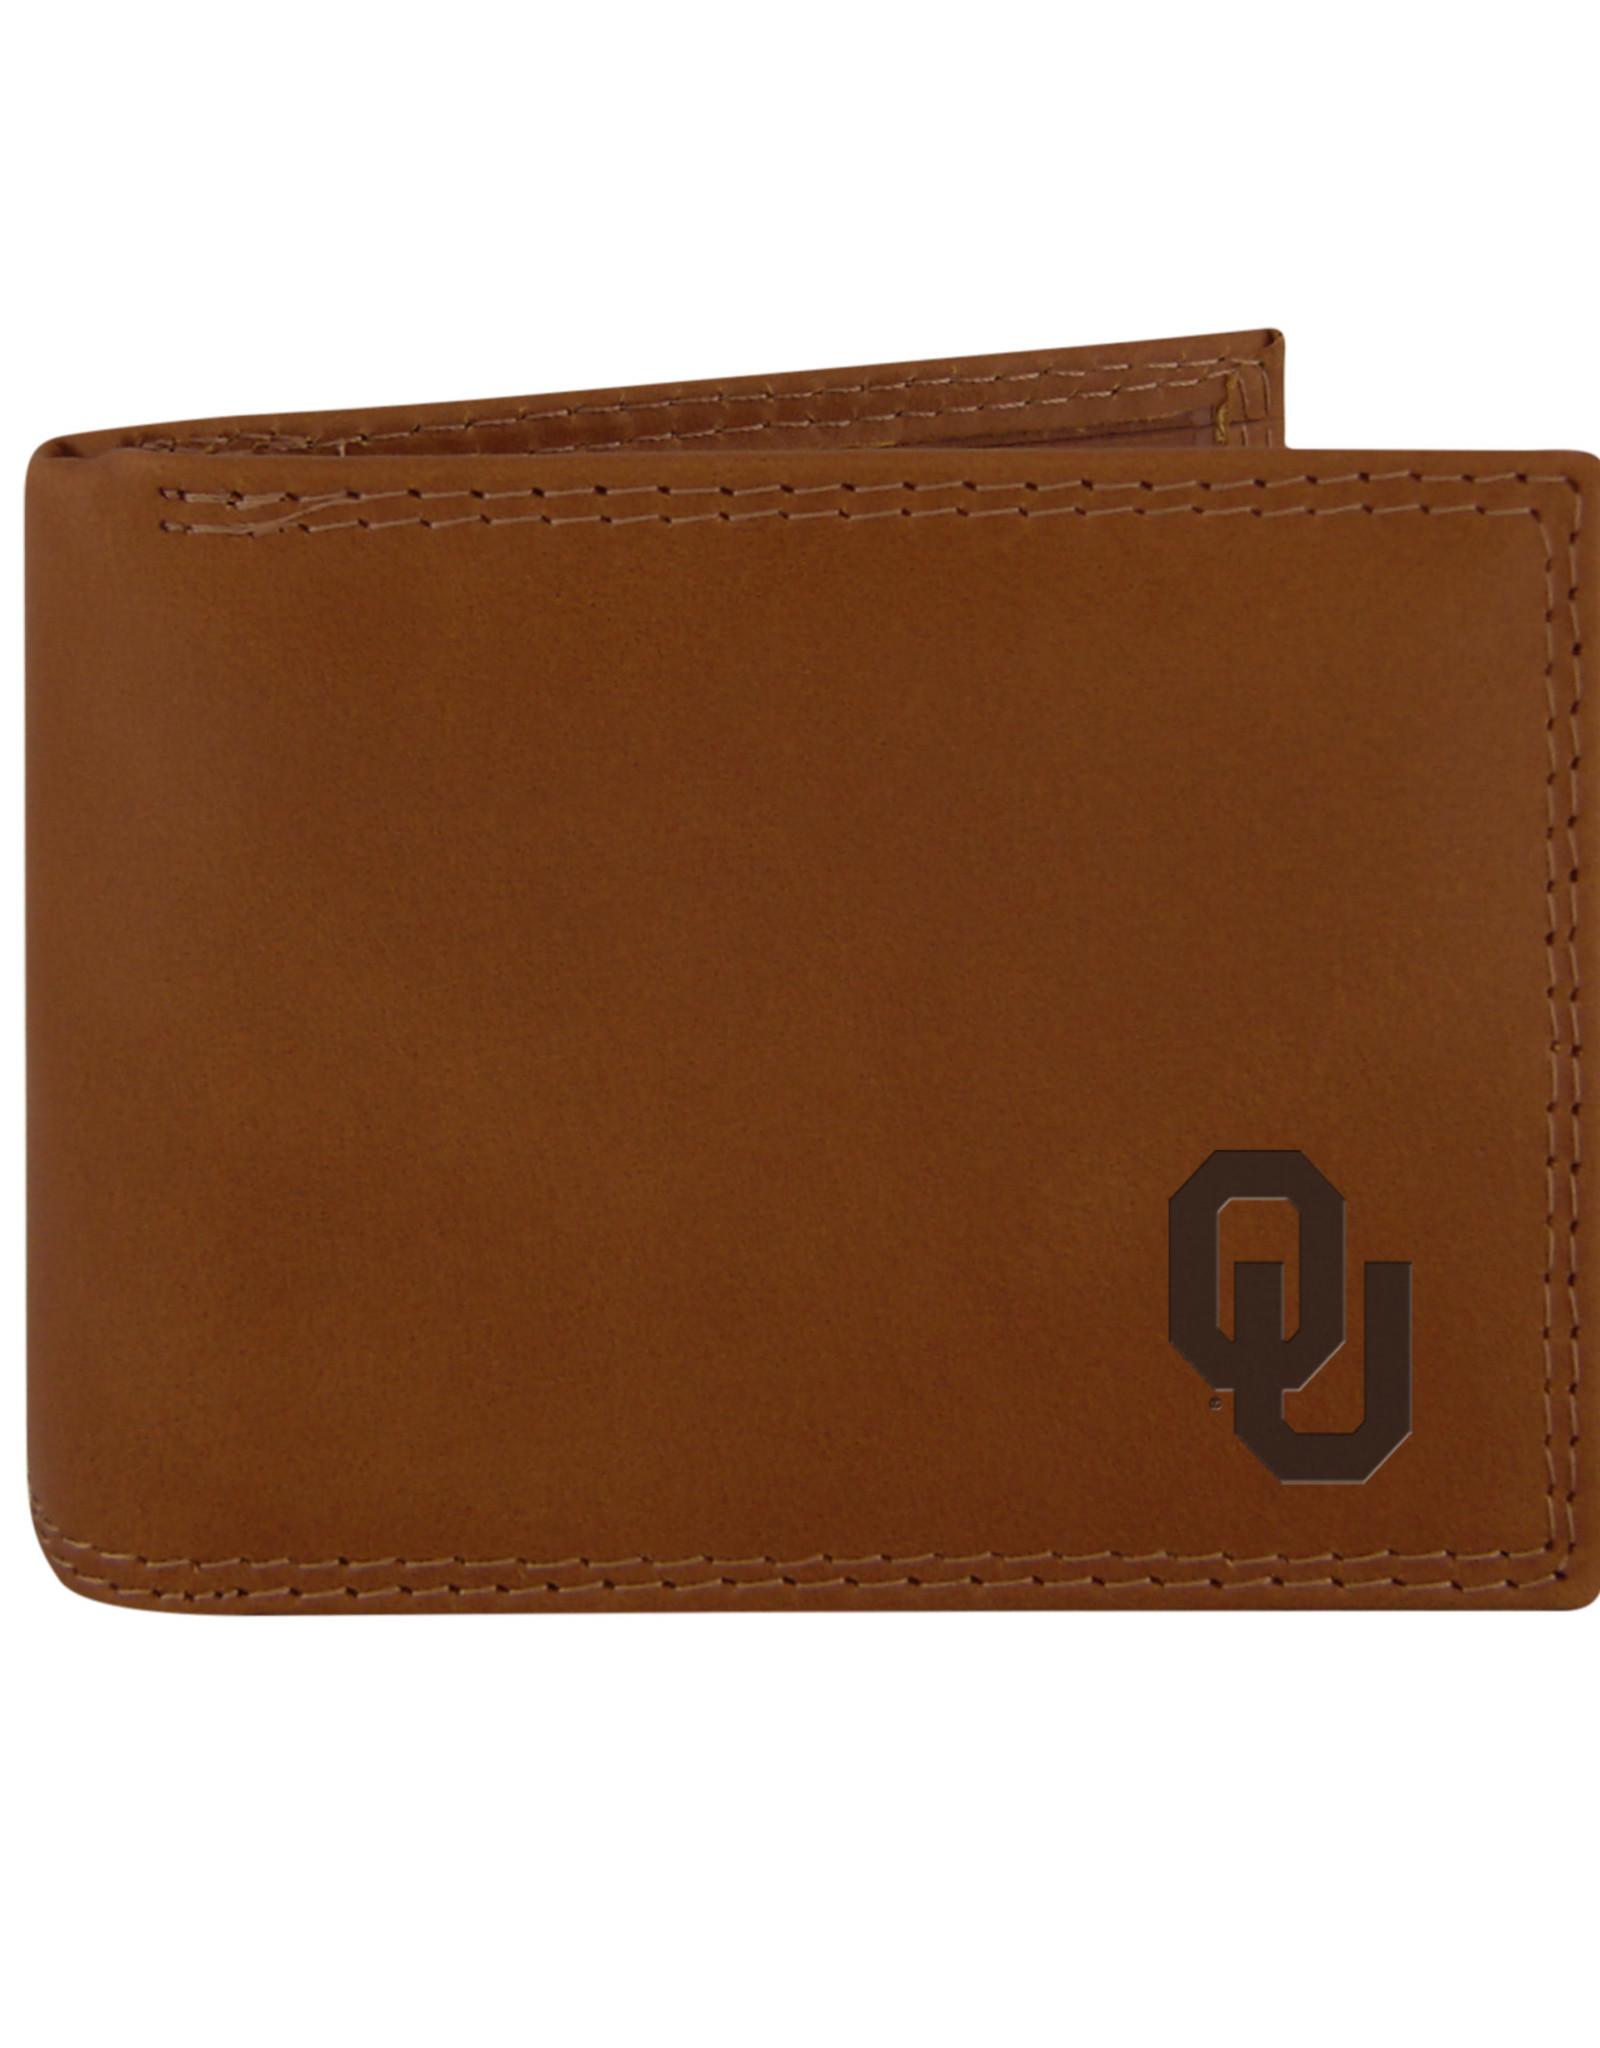 Zep-Pro Zep-Pro Tan Bi-Fold Wallet Embossed OU